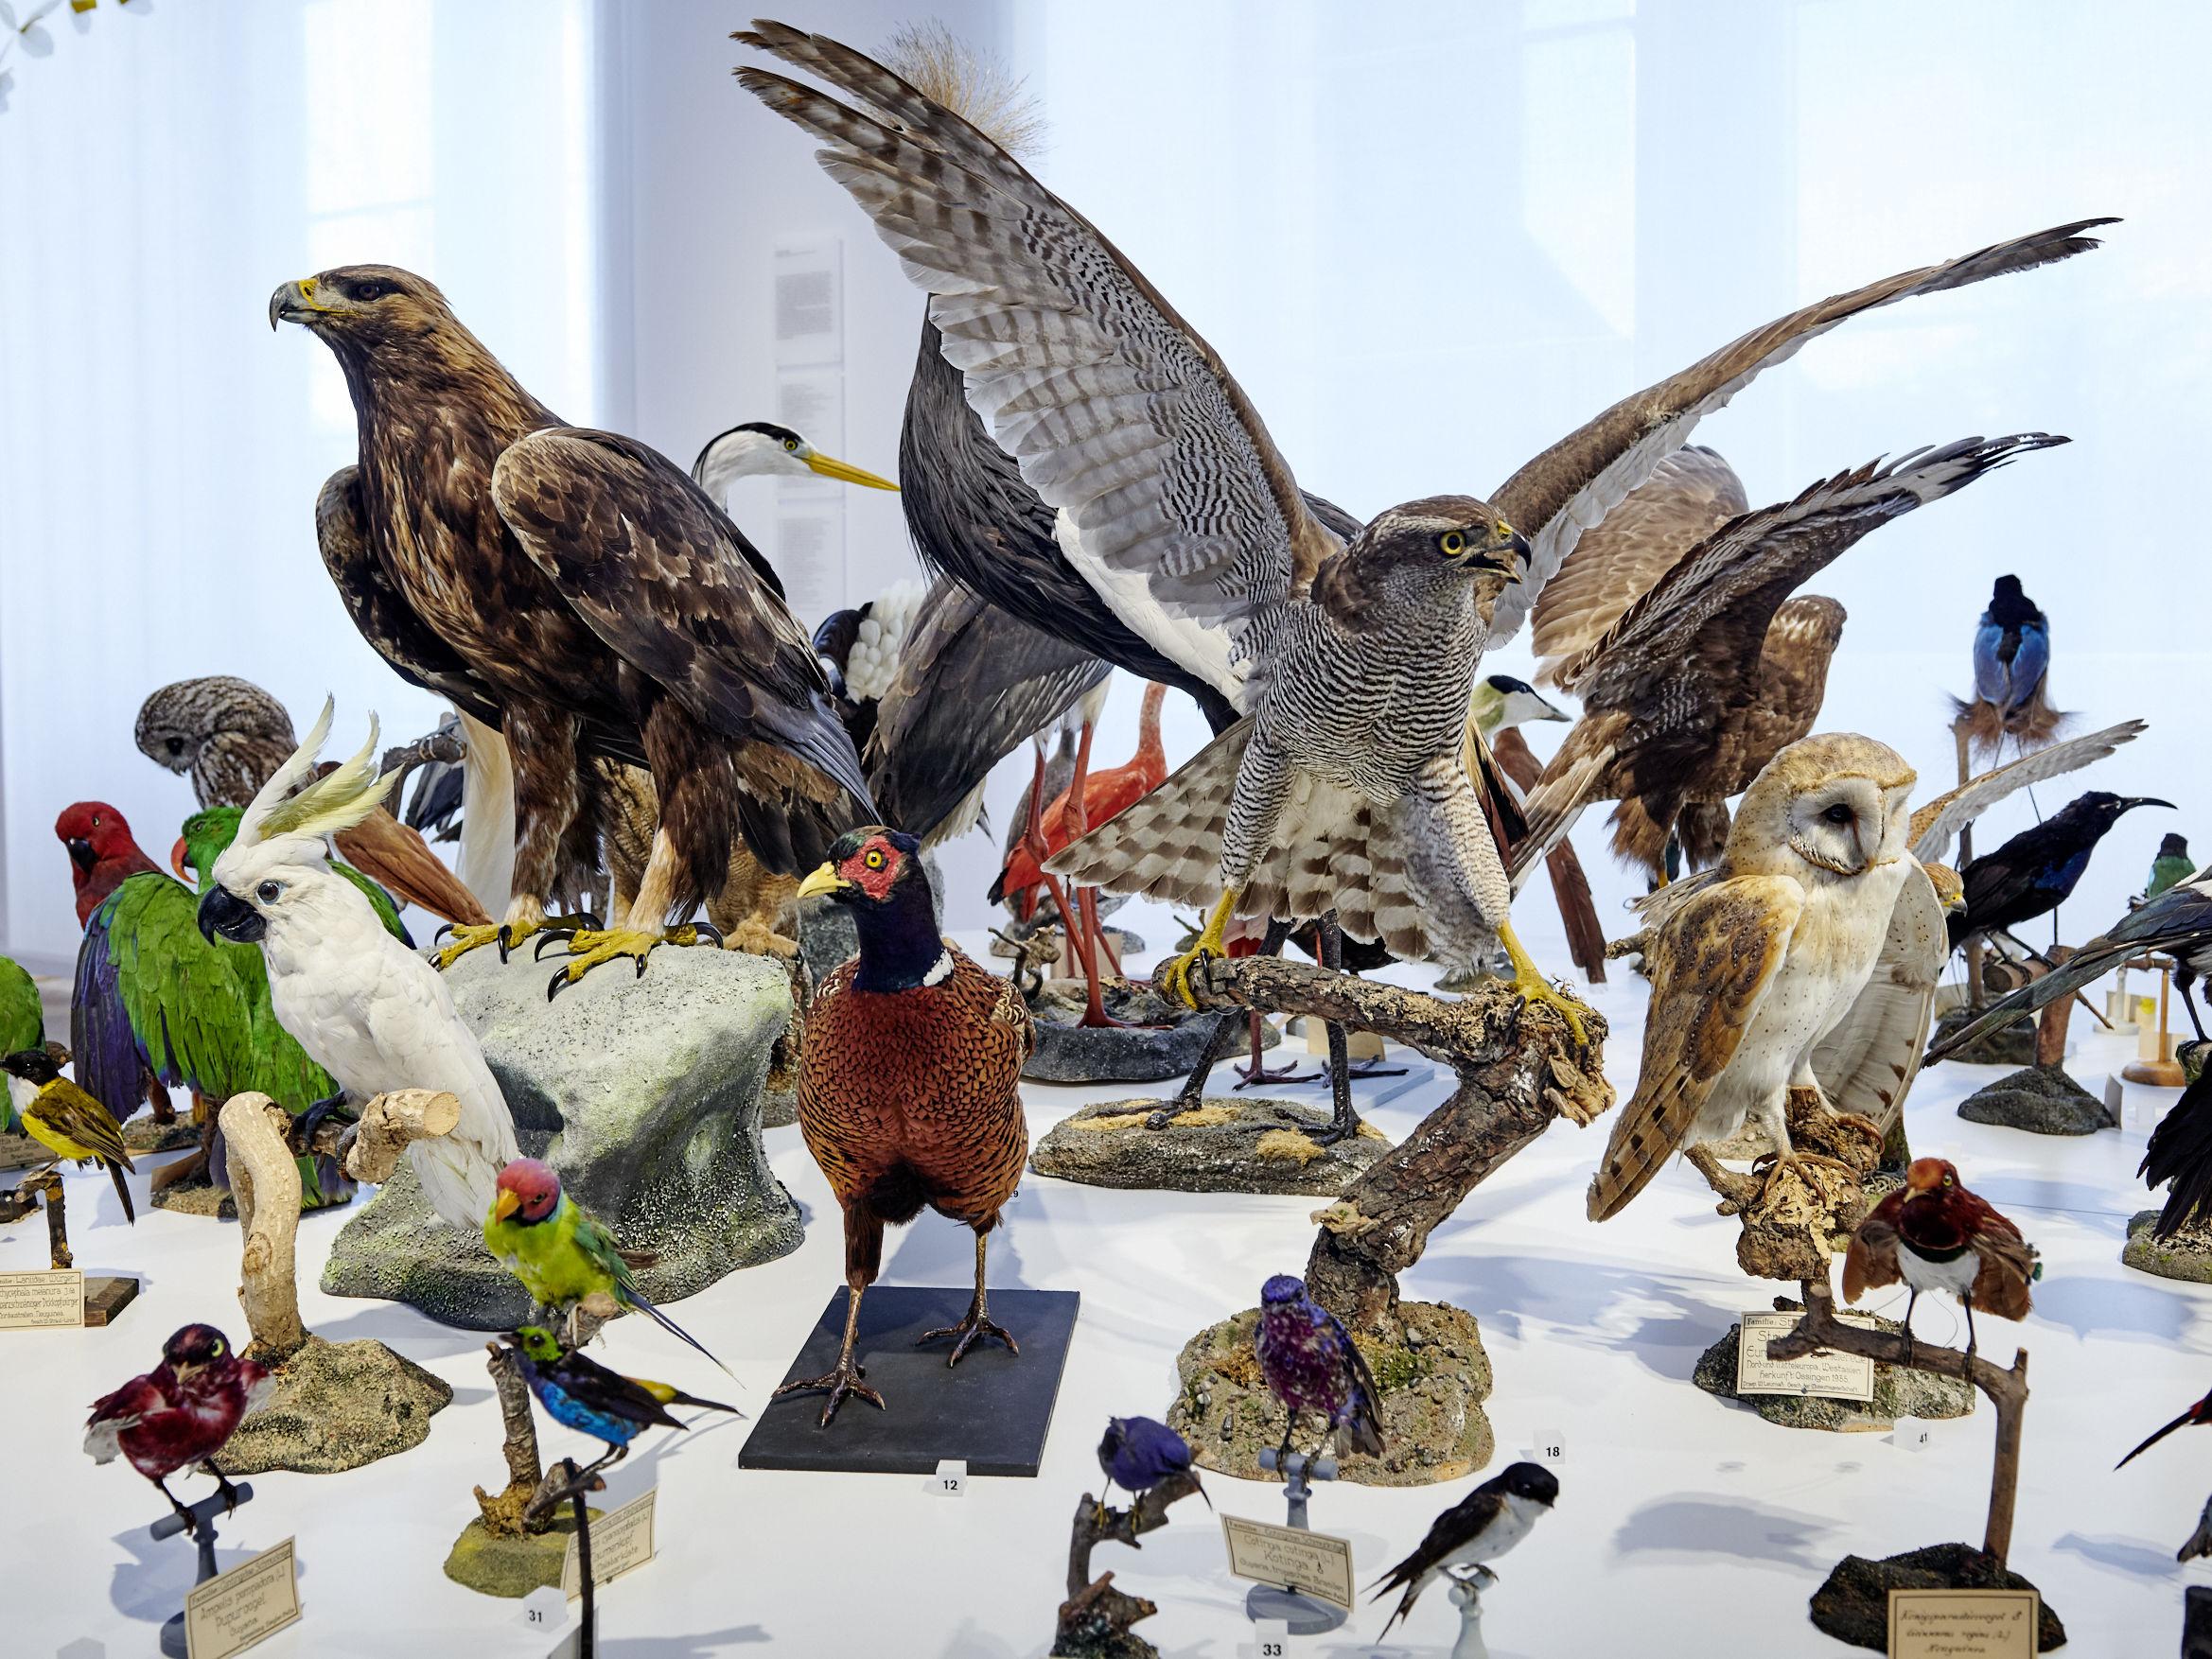 Thematische Führung im Dialog: Über die Vielfalt der Federn und das Verschwinden der Vögel